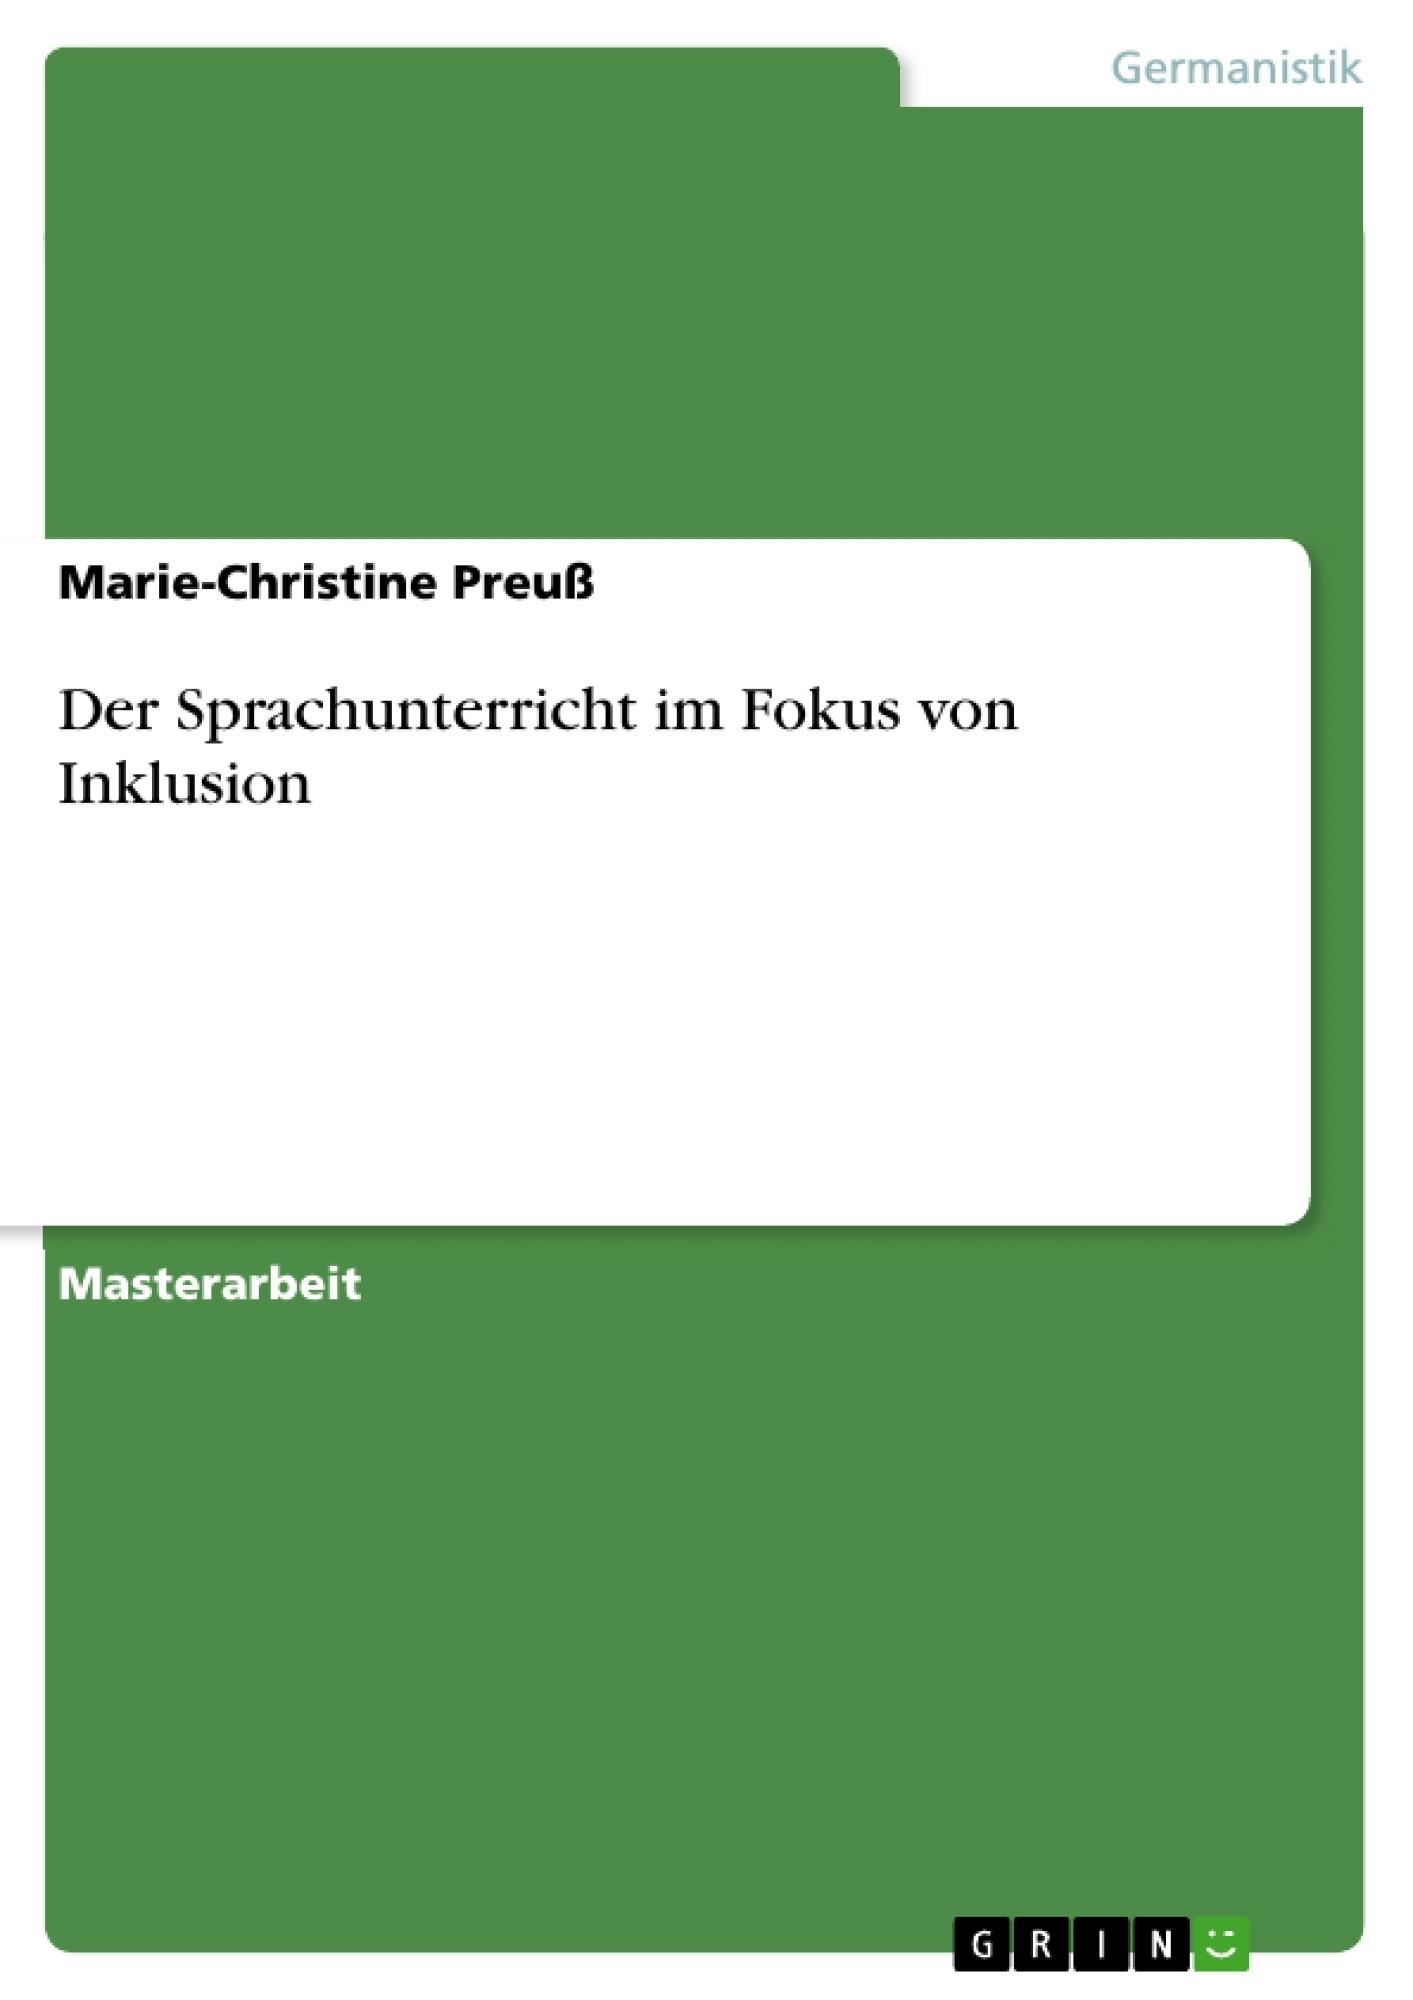 Titel: Der Sprachunterricht im Fokus von Inklusion